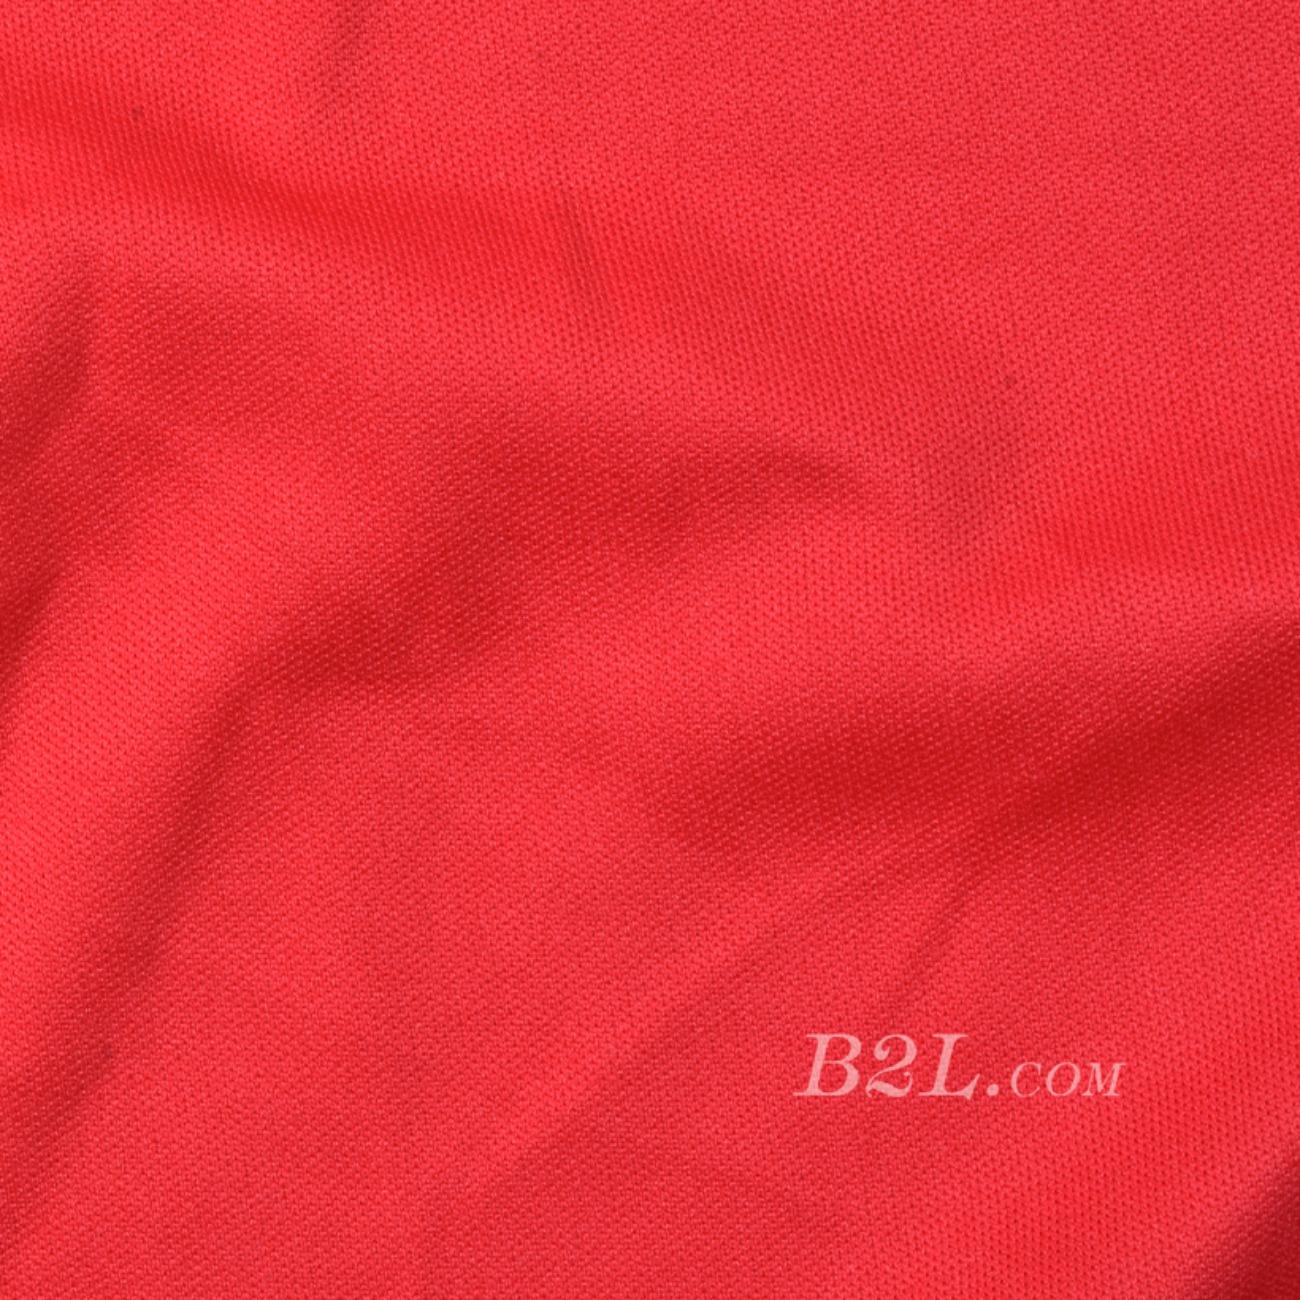 针织染色素色面料-春夏T恤POLO衫面料91130-3